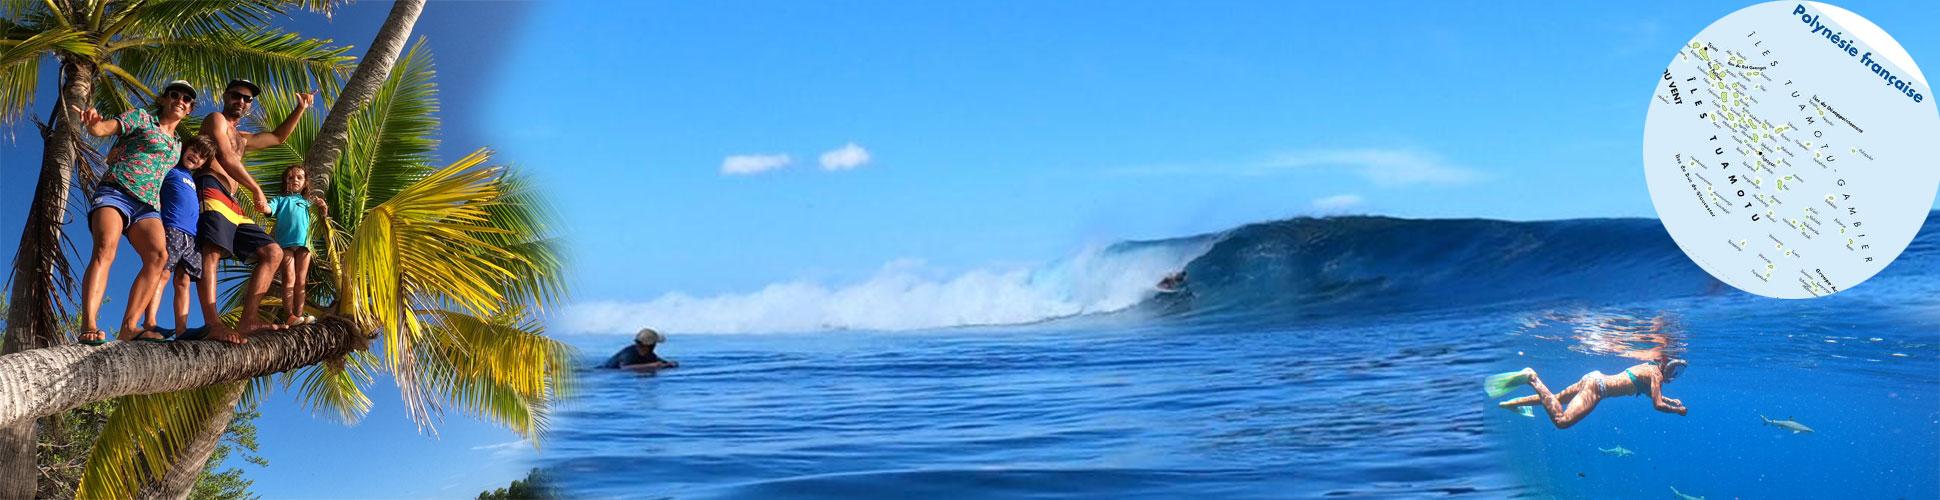 bandeau-surf-trip-famille-tahiti